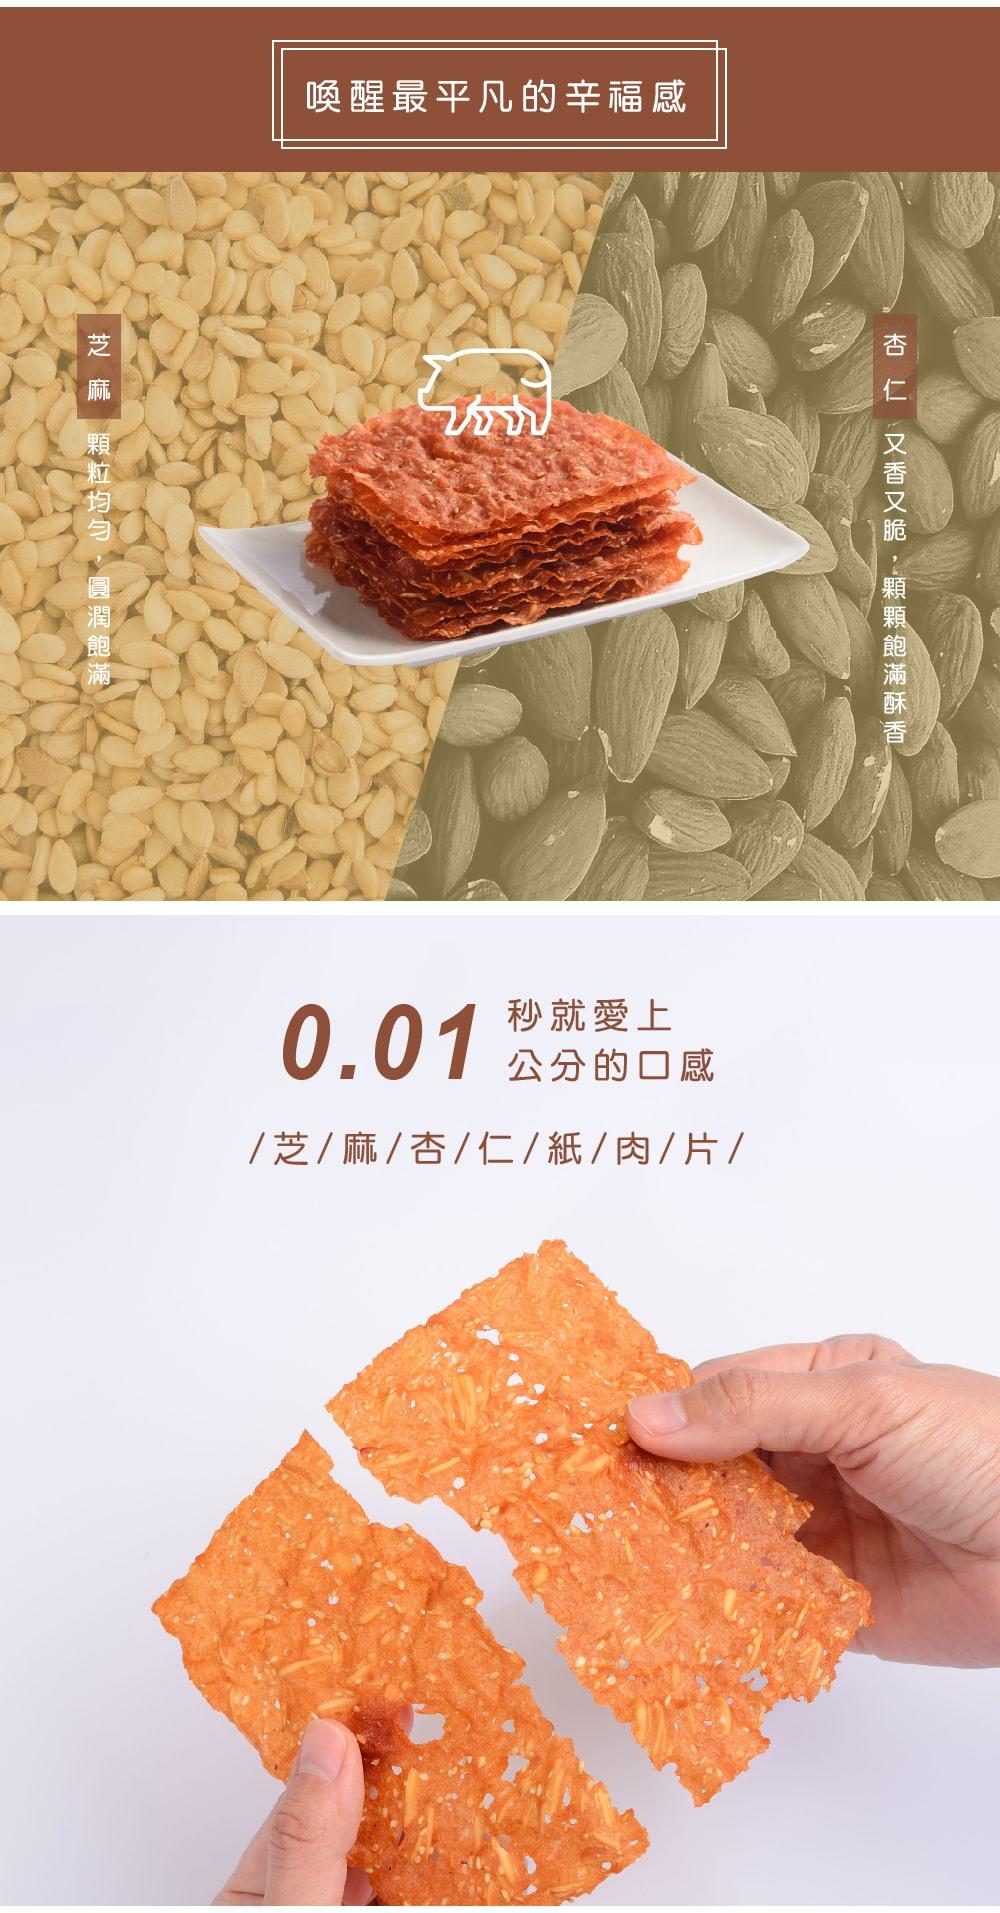 御格格-肉乾-04-min